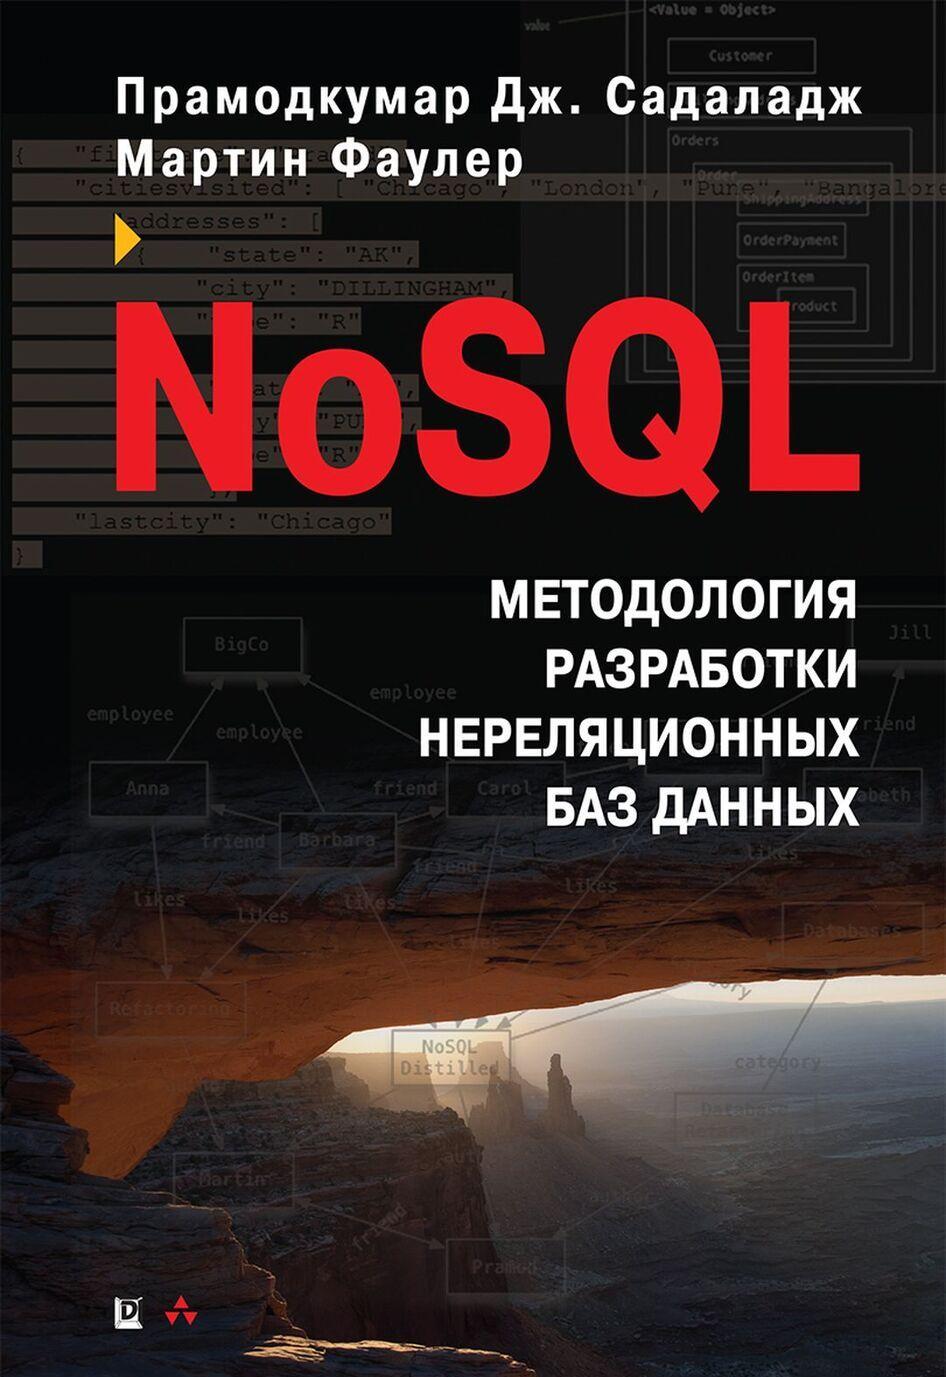 NoSQL. Metodologija razrabotki nereljatsionnykh baz dannykh | Fauler Martin, Sadaladzh Pramodkumar Dzh.